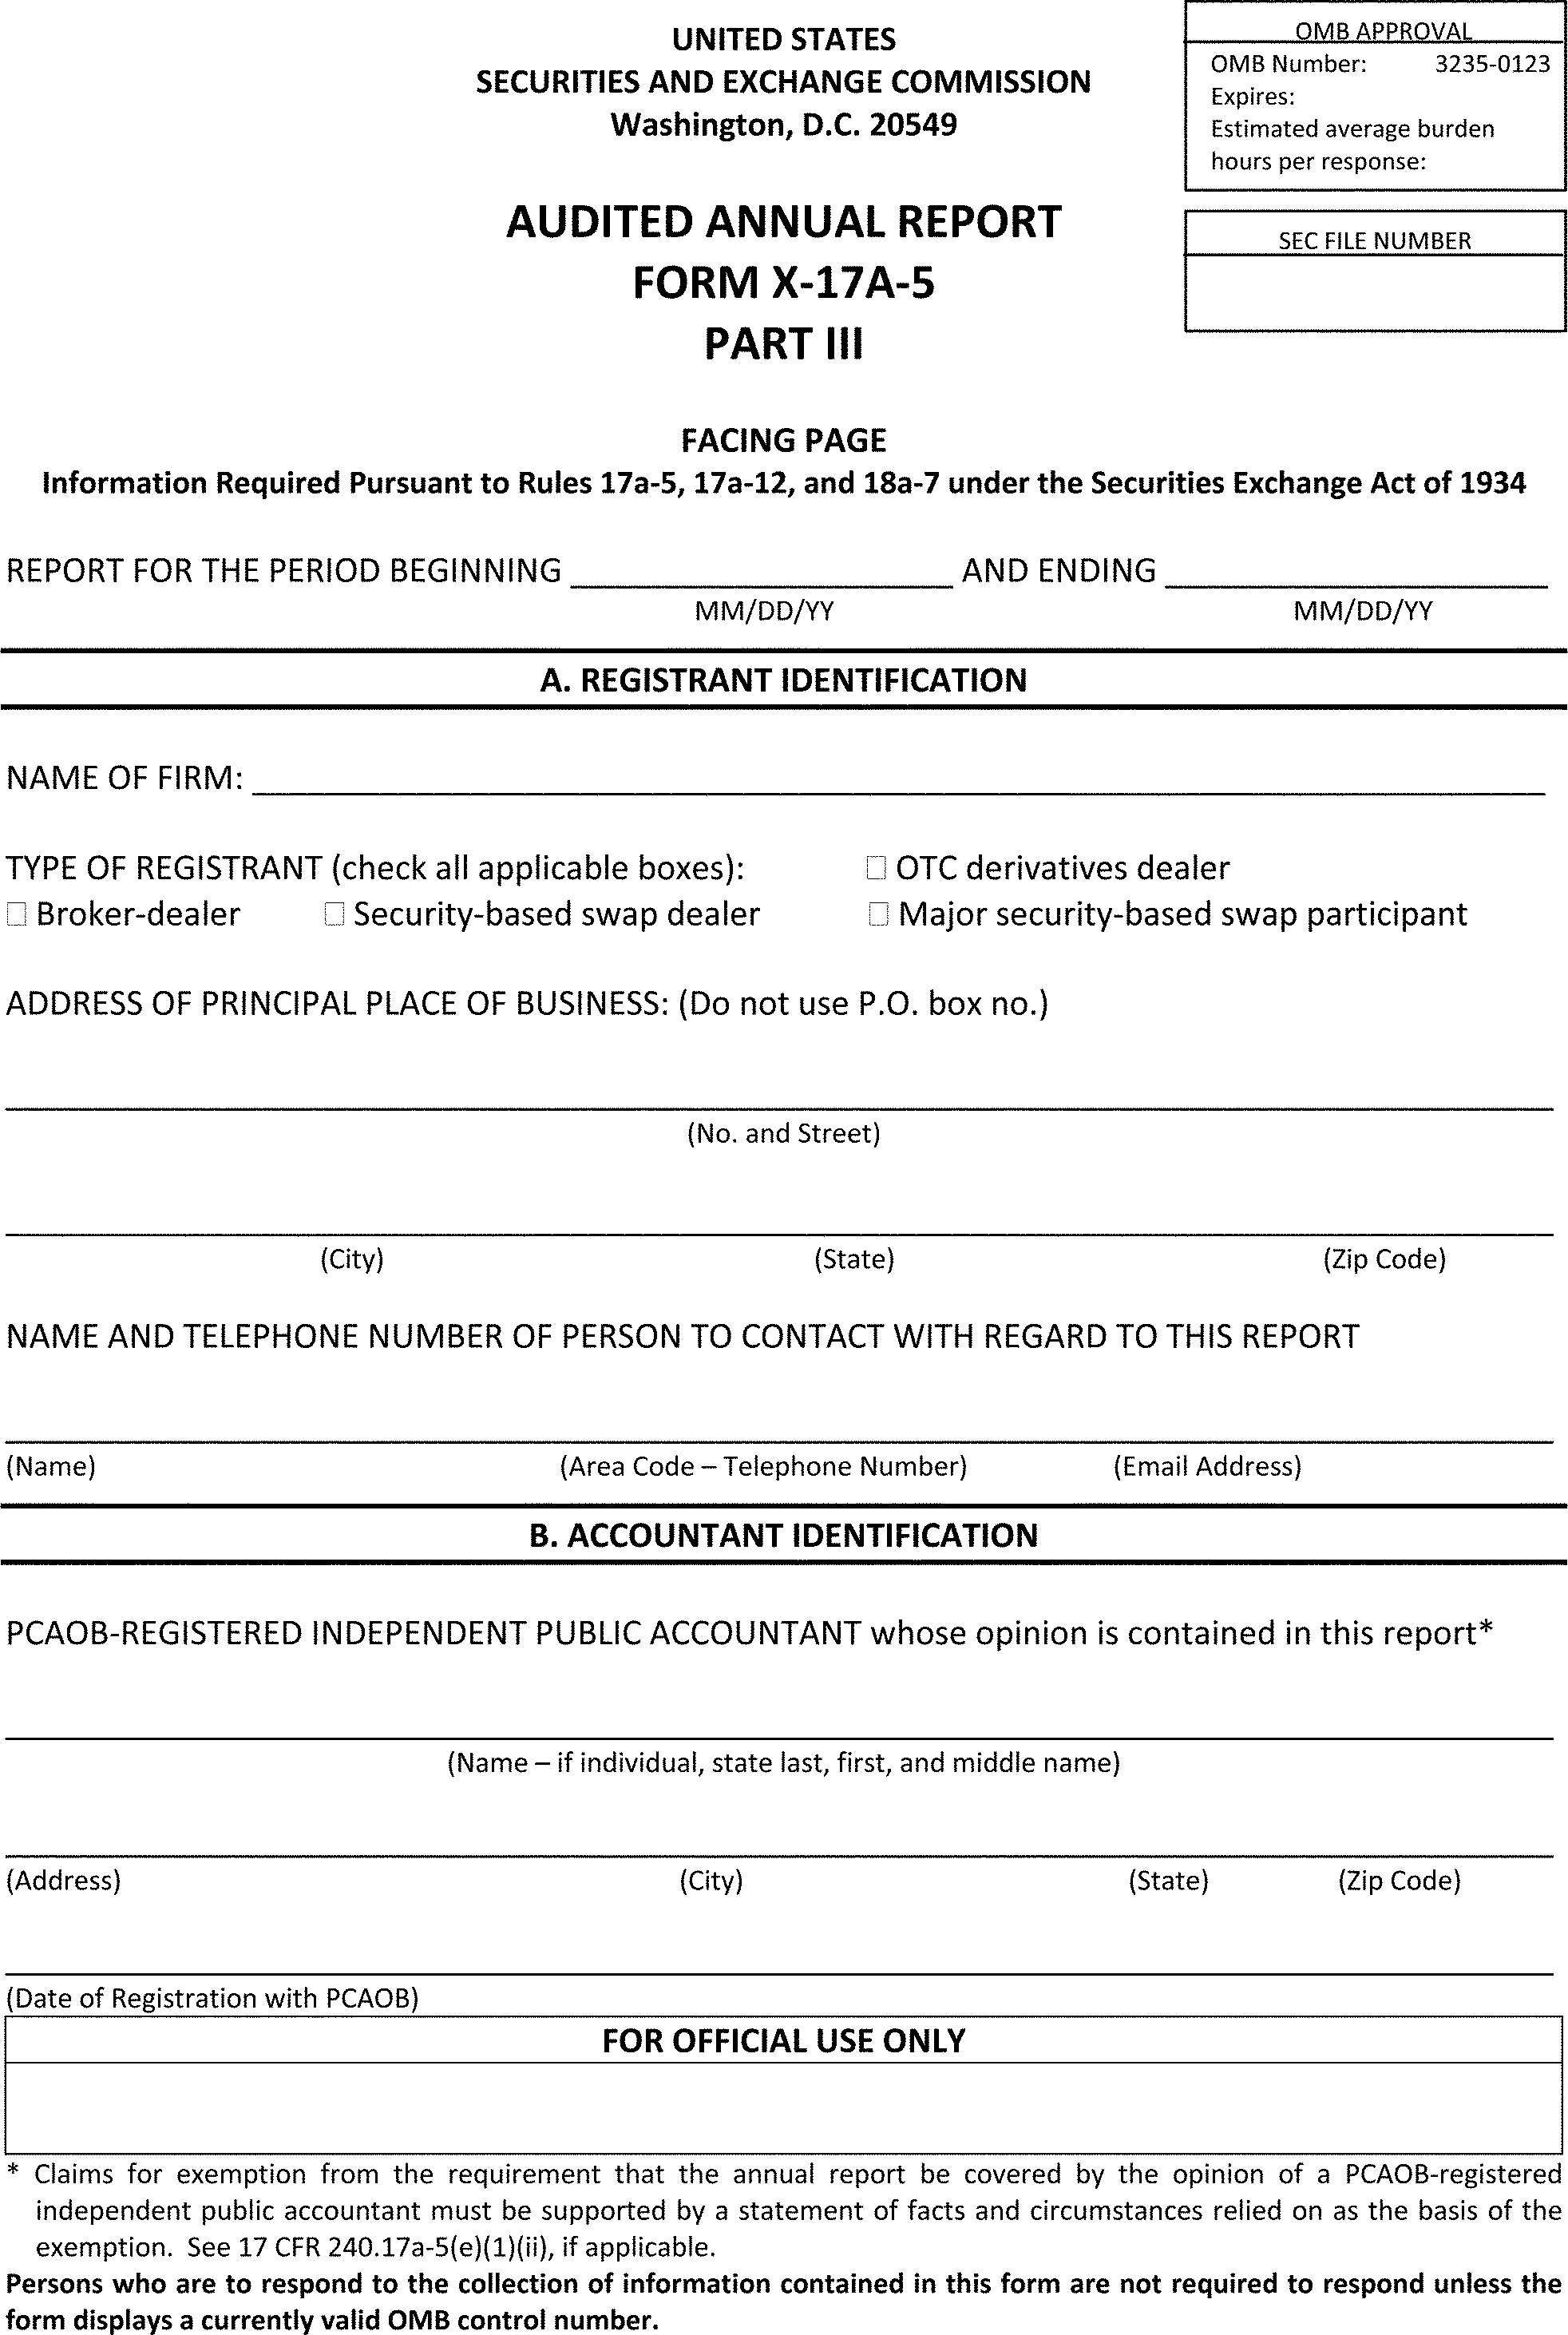 Ninjatrader stock options